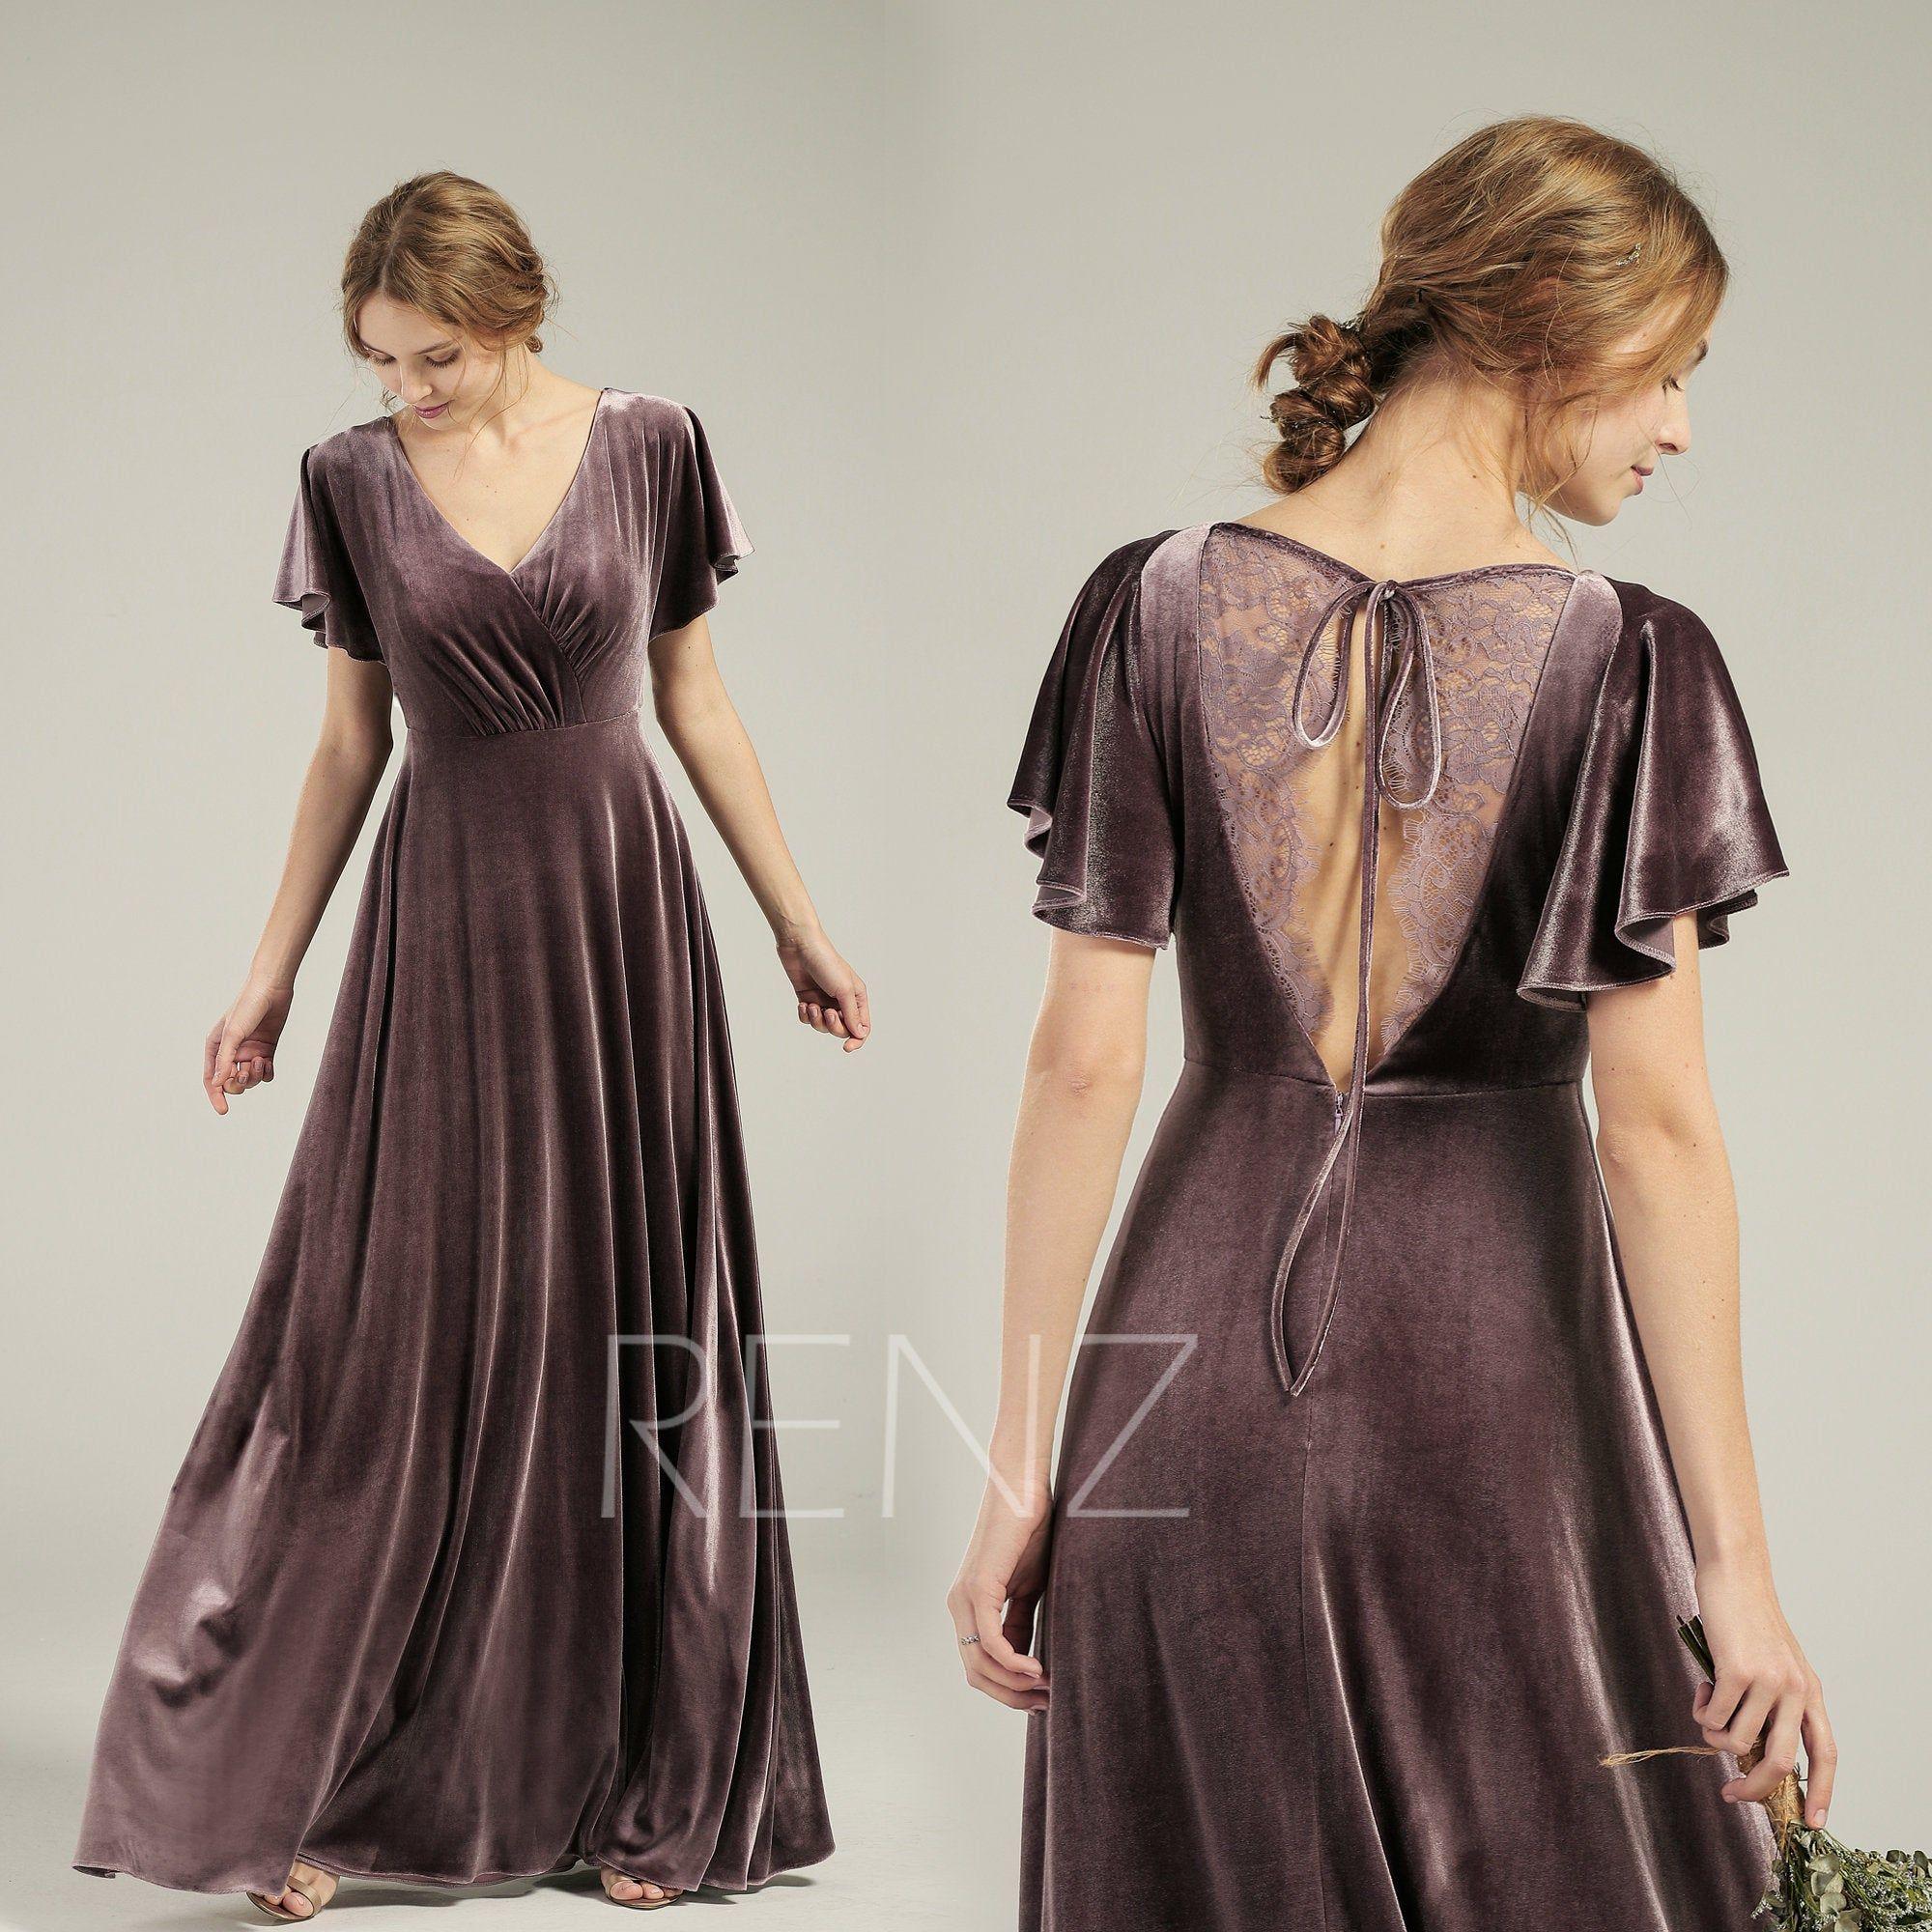 Velvet Dress Long V Neck Dark Mauve Velvet Bridesmaid Dress Flare Sleeves Lace Back Prom Dress (HV762)